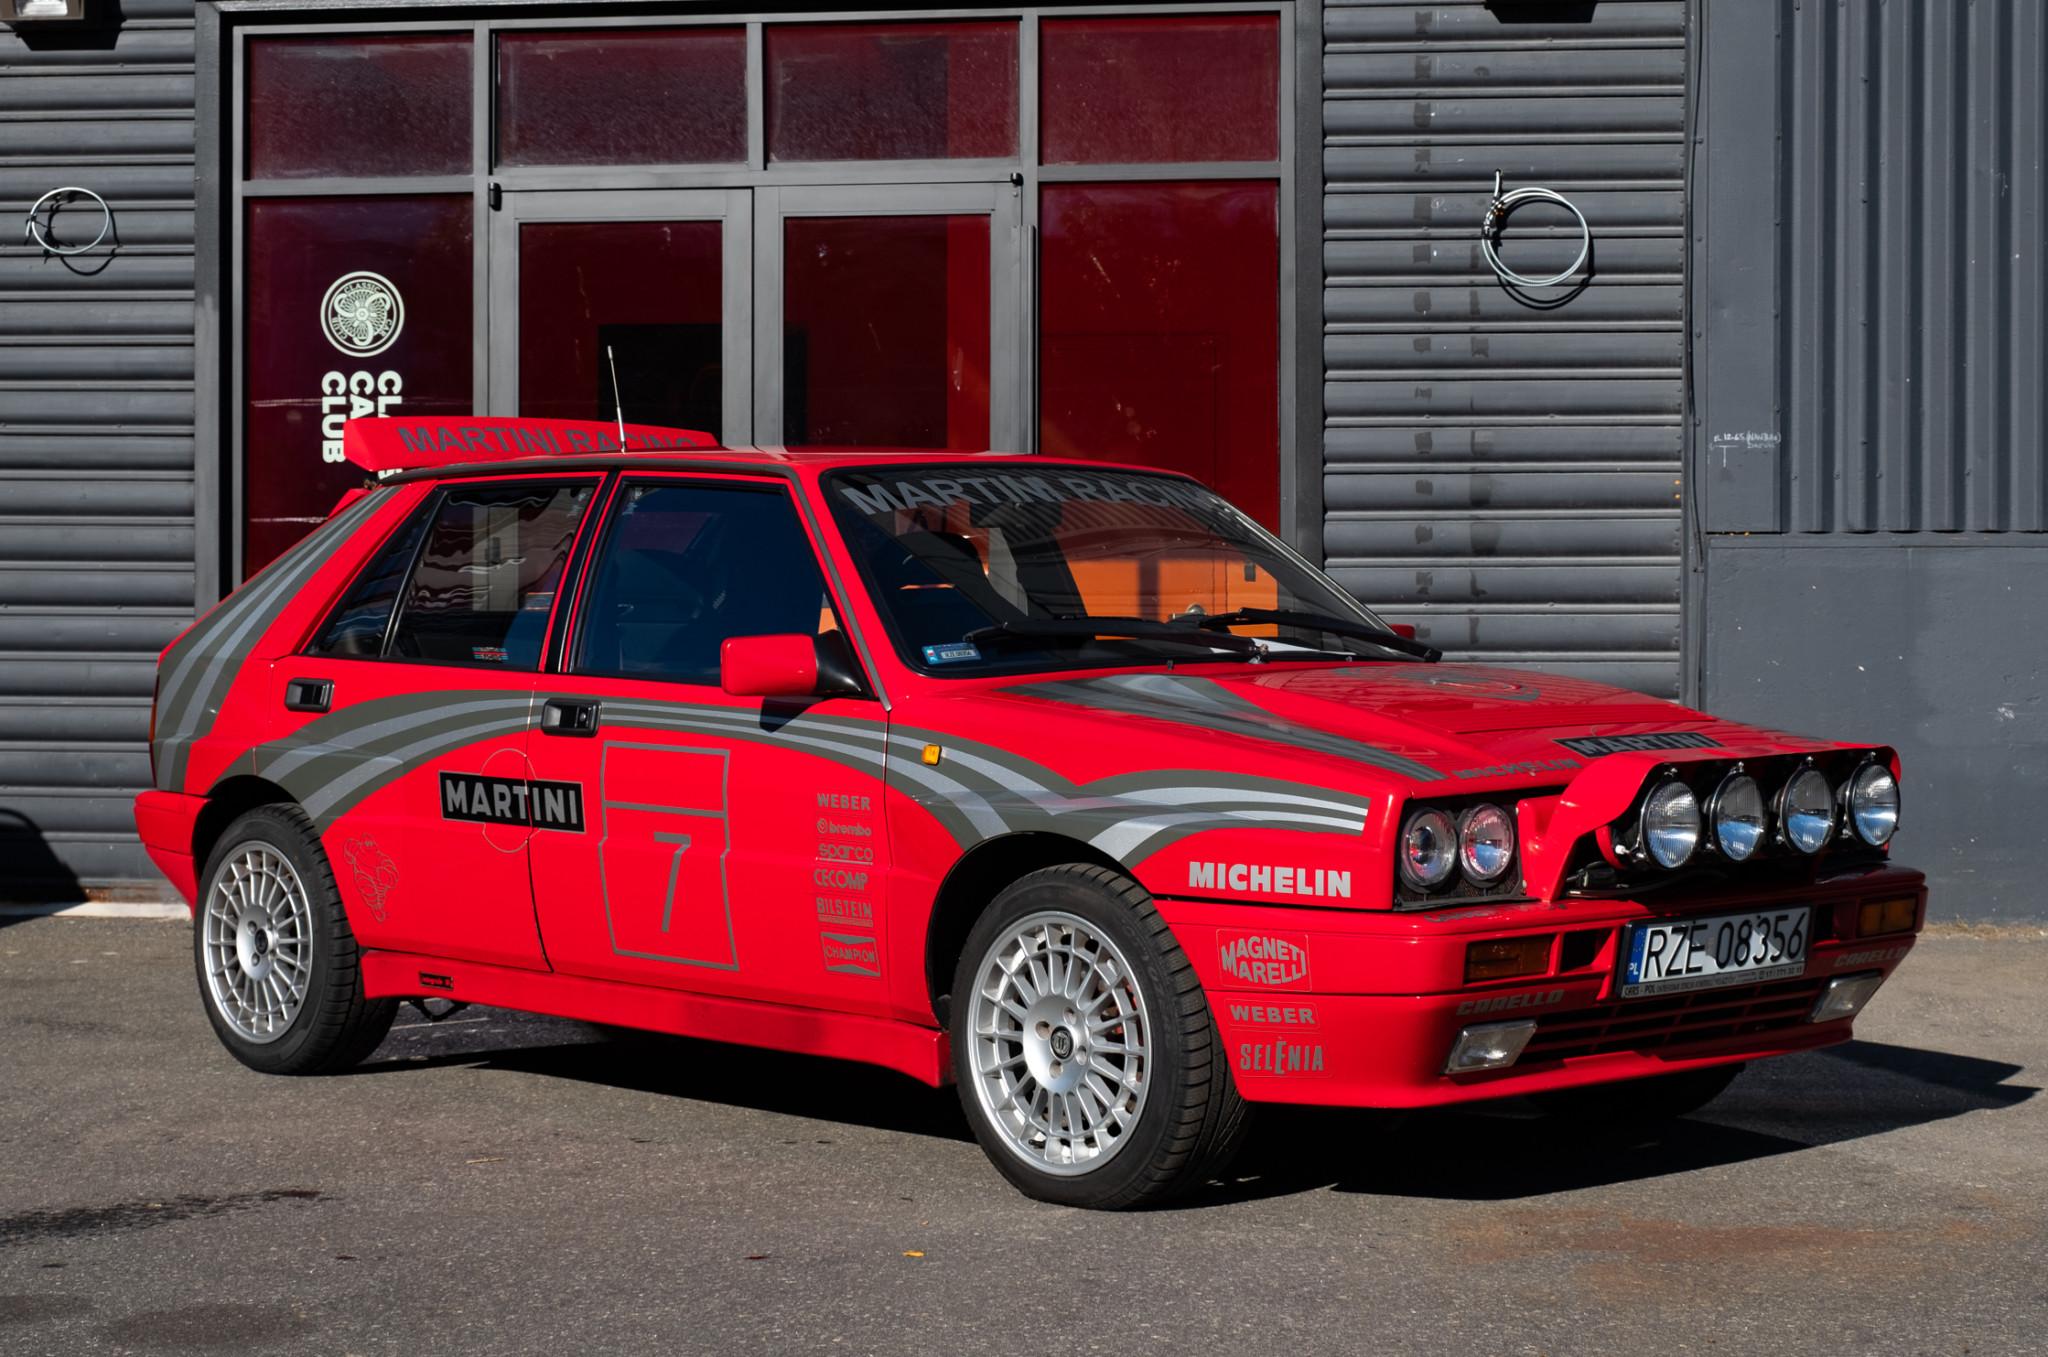 Lancia-Delta-Integrale-1989-for-sale-1